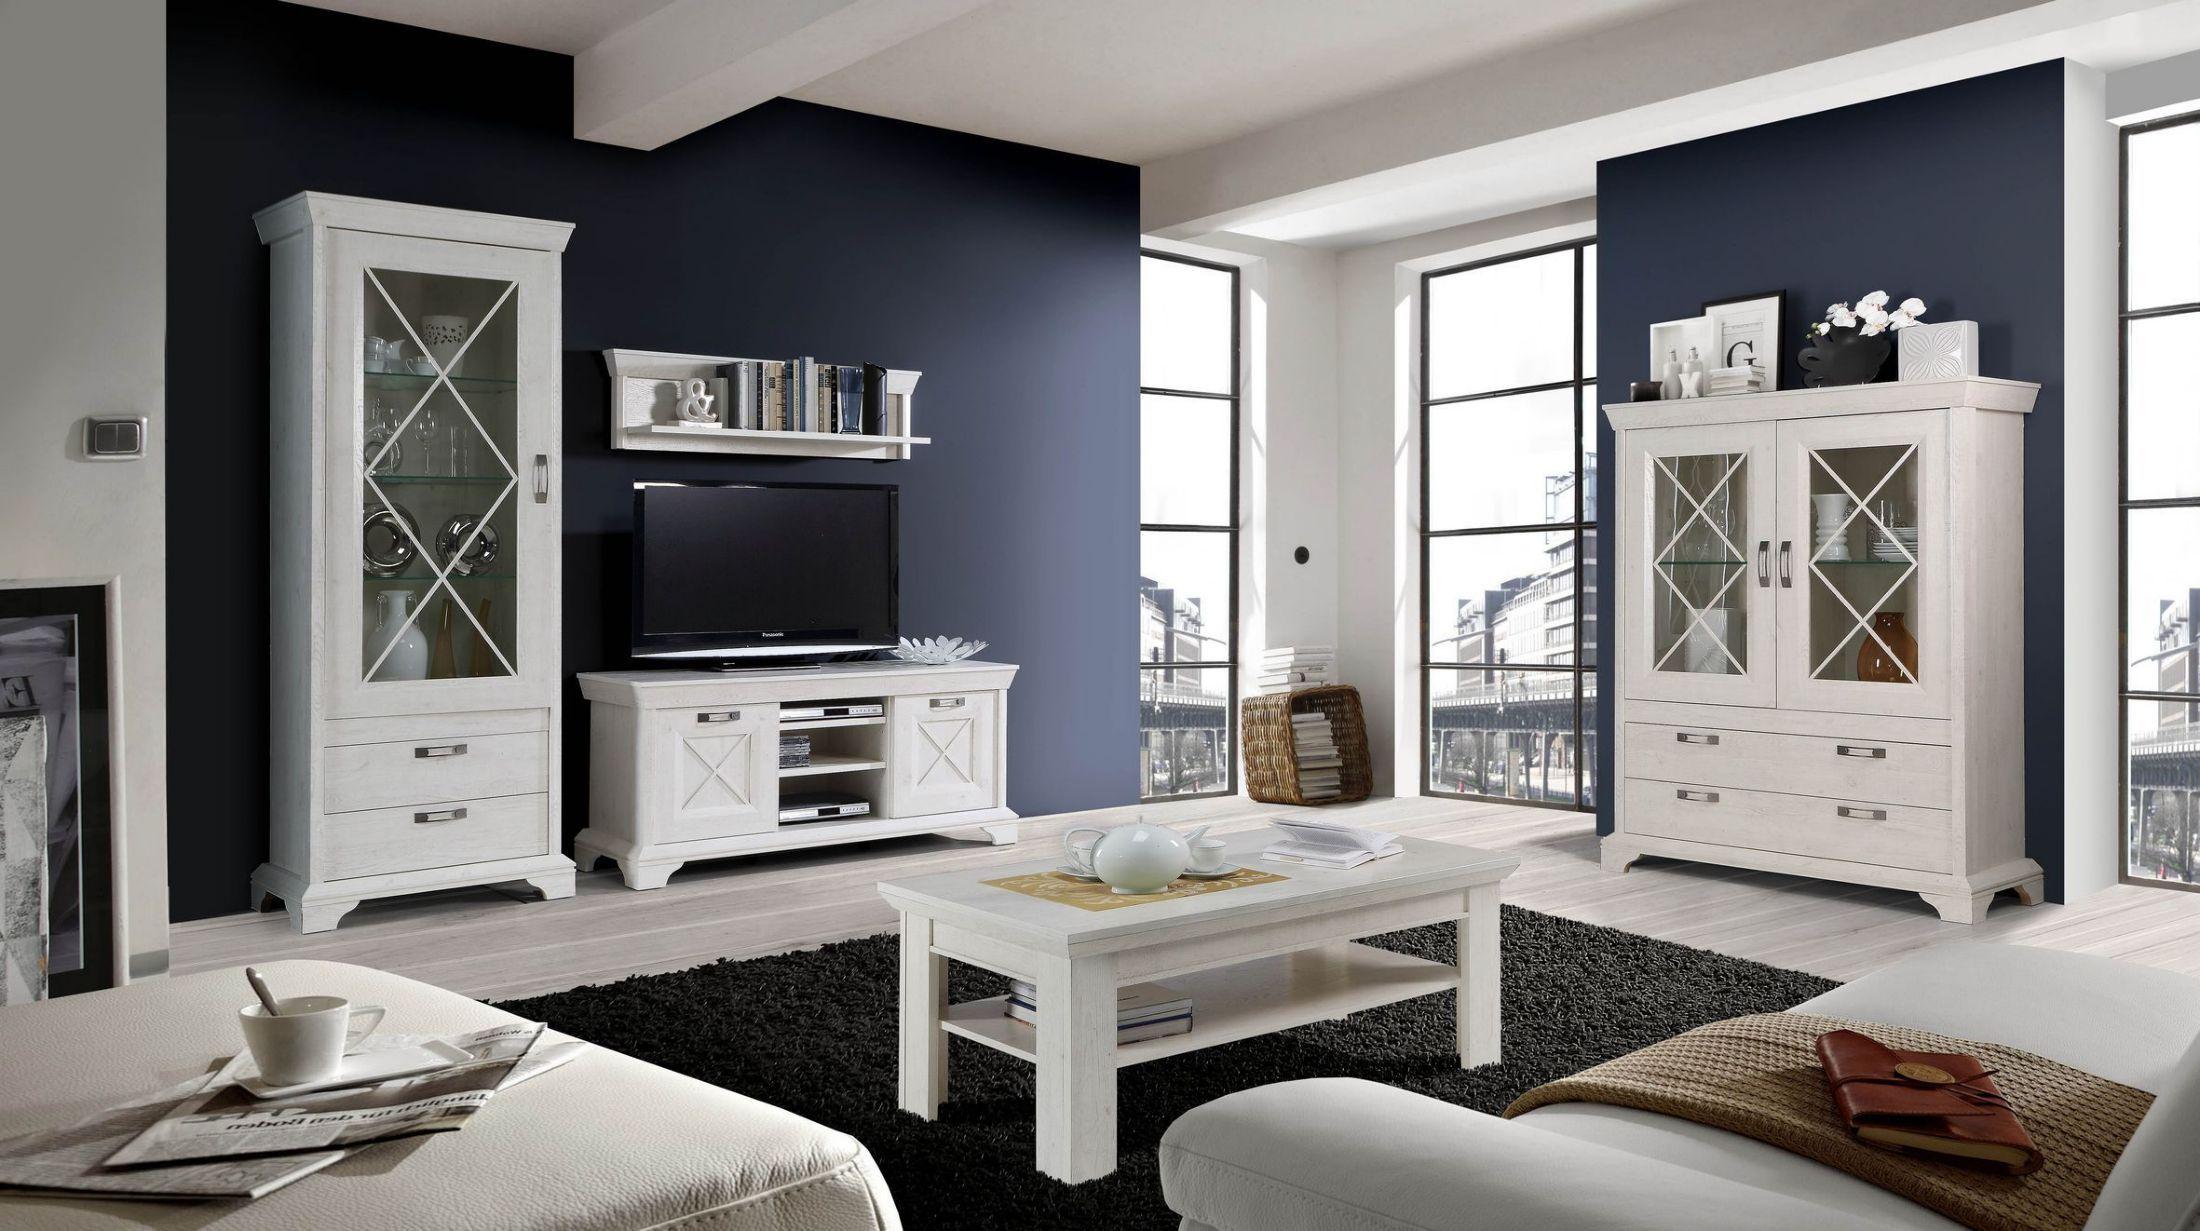 Lieblich Wohnzimmer Set In Pinie Weiss Mit Led Beleuchtung Woody 77 00850 Holz  Landhaus